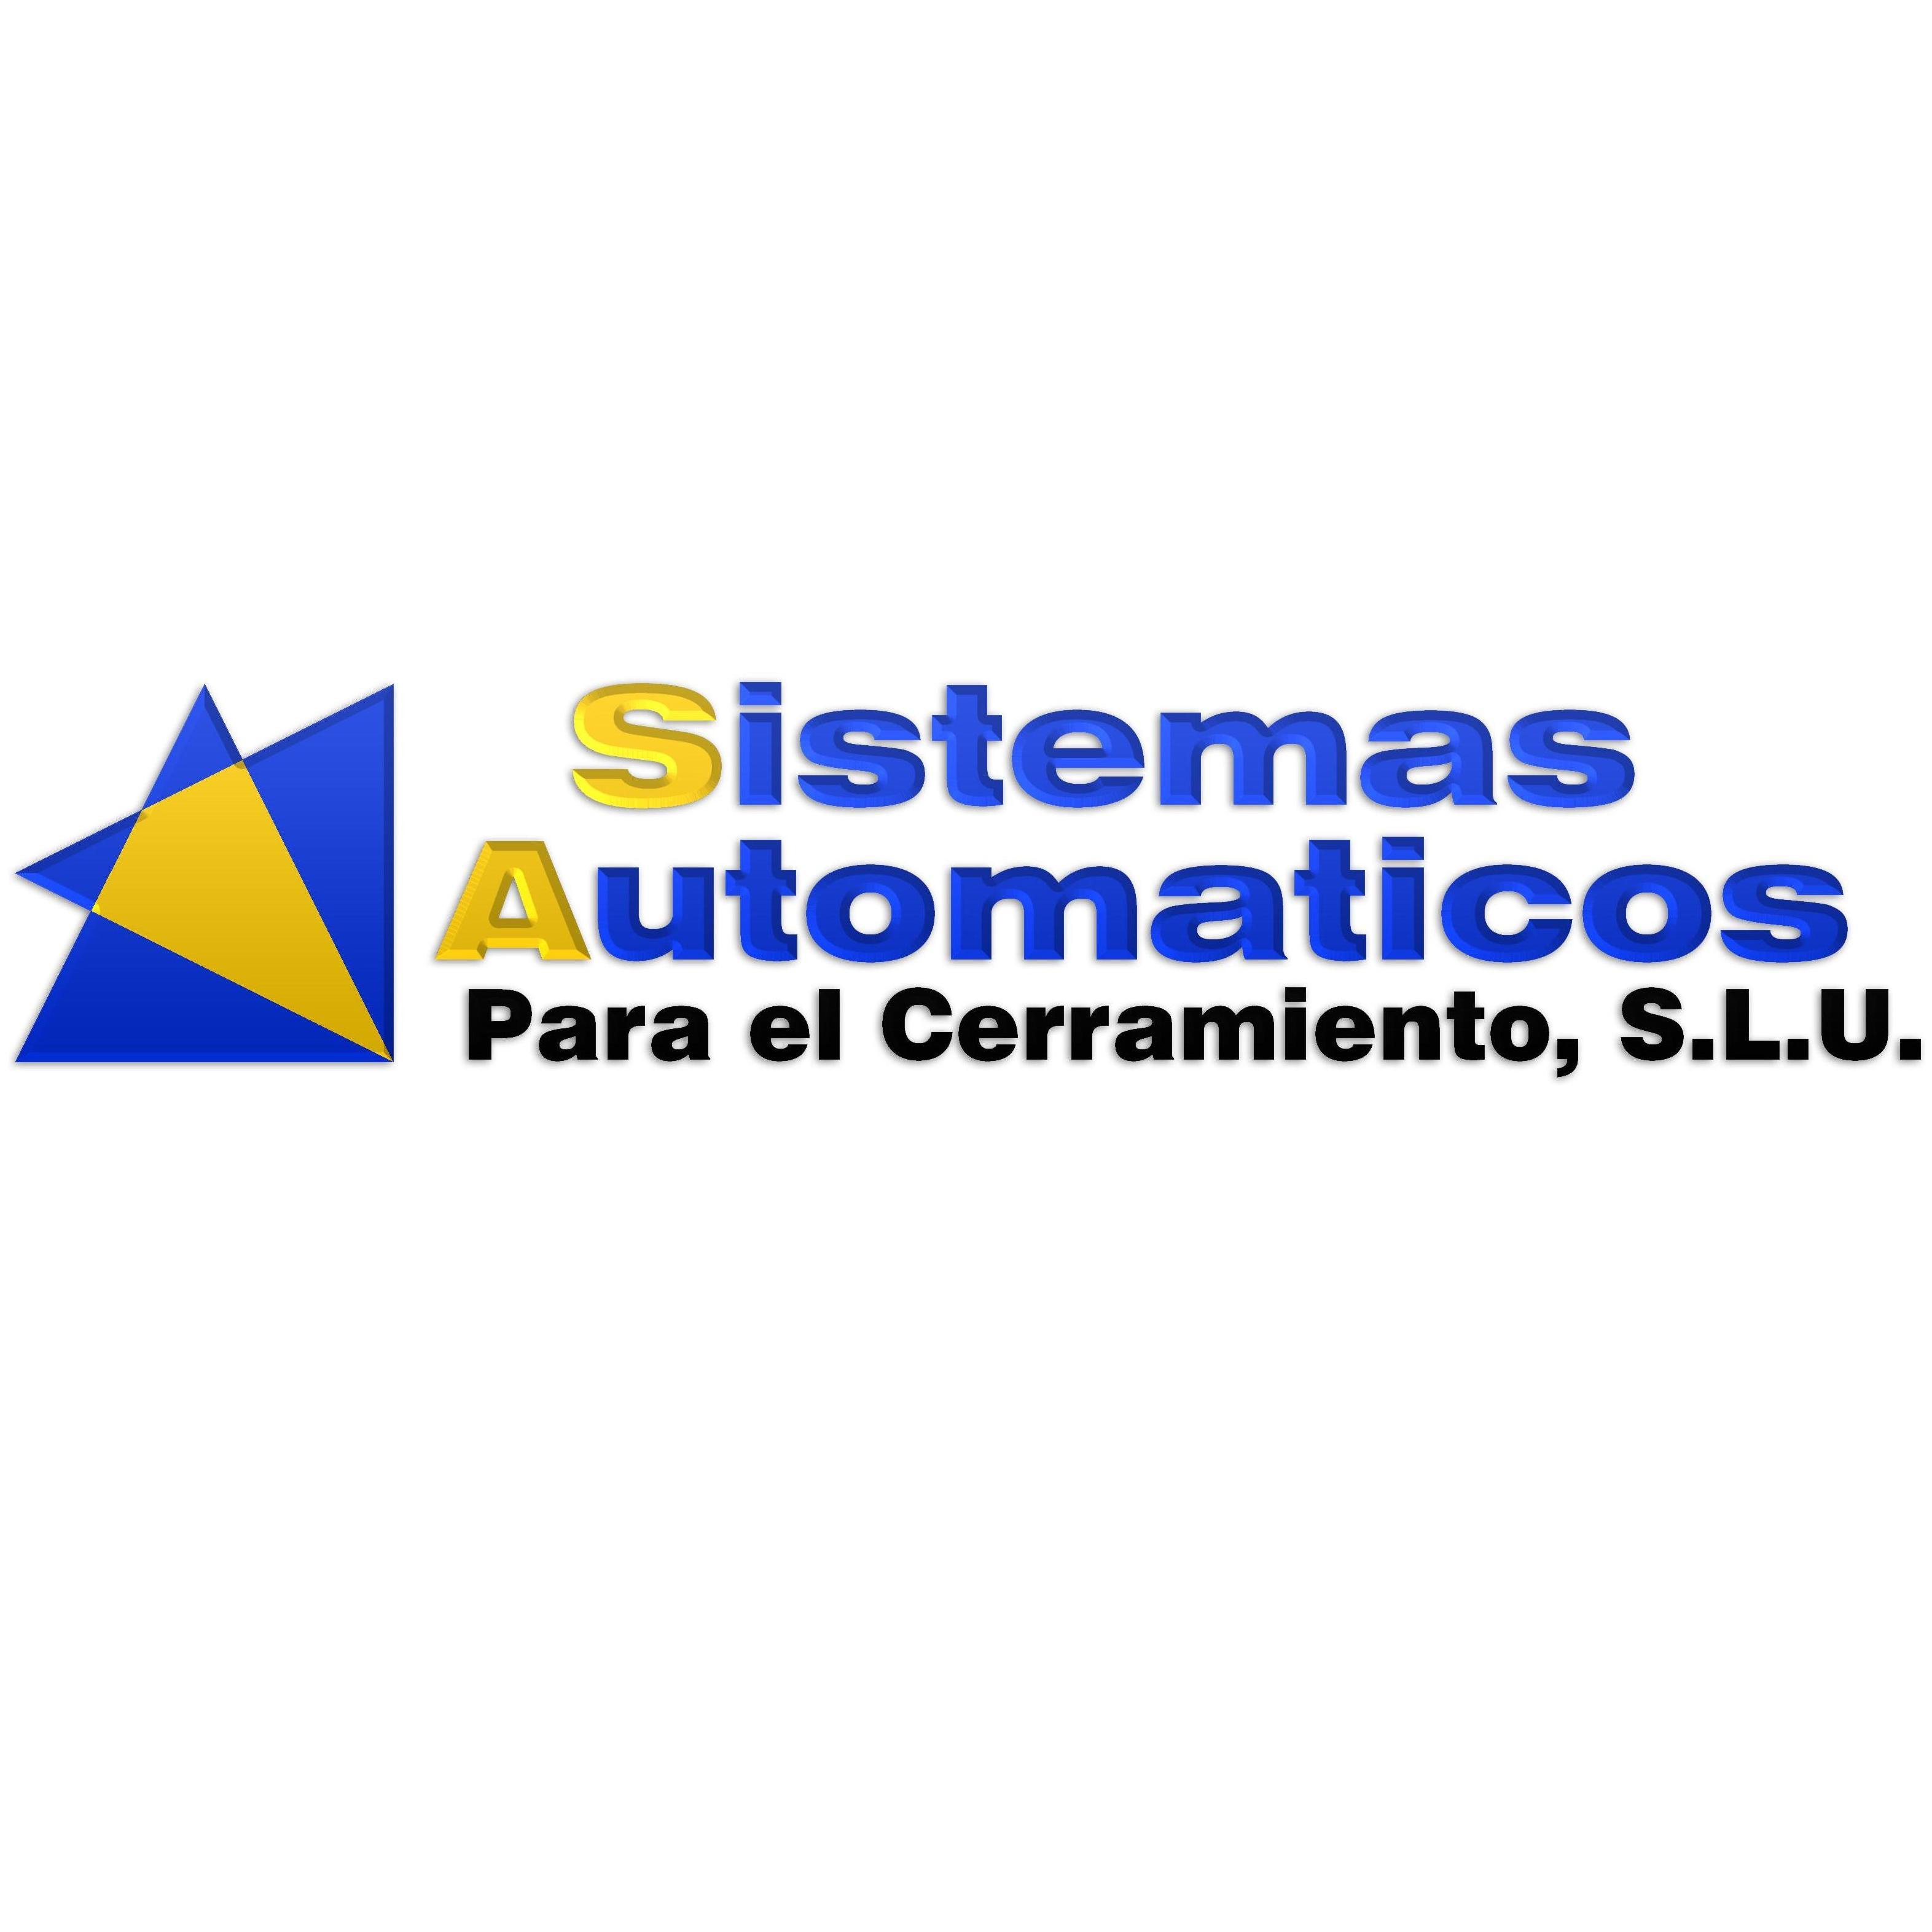 Sistemas Automáticos Para El Cerramiento, S.l.u